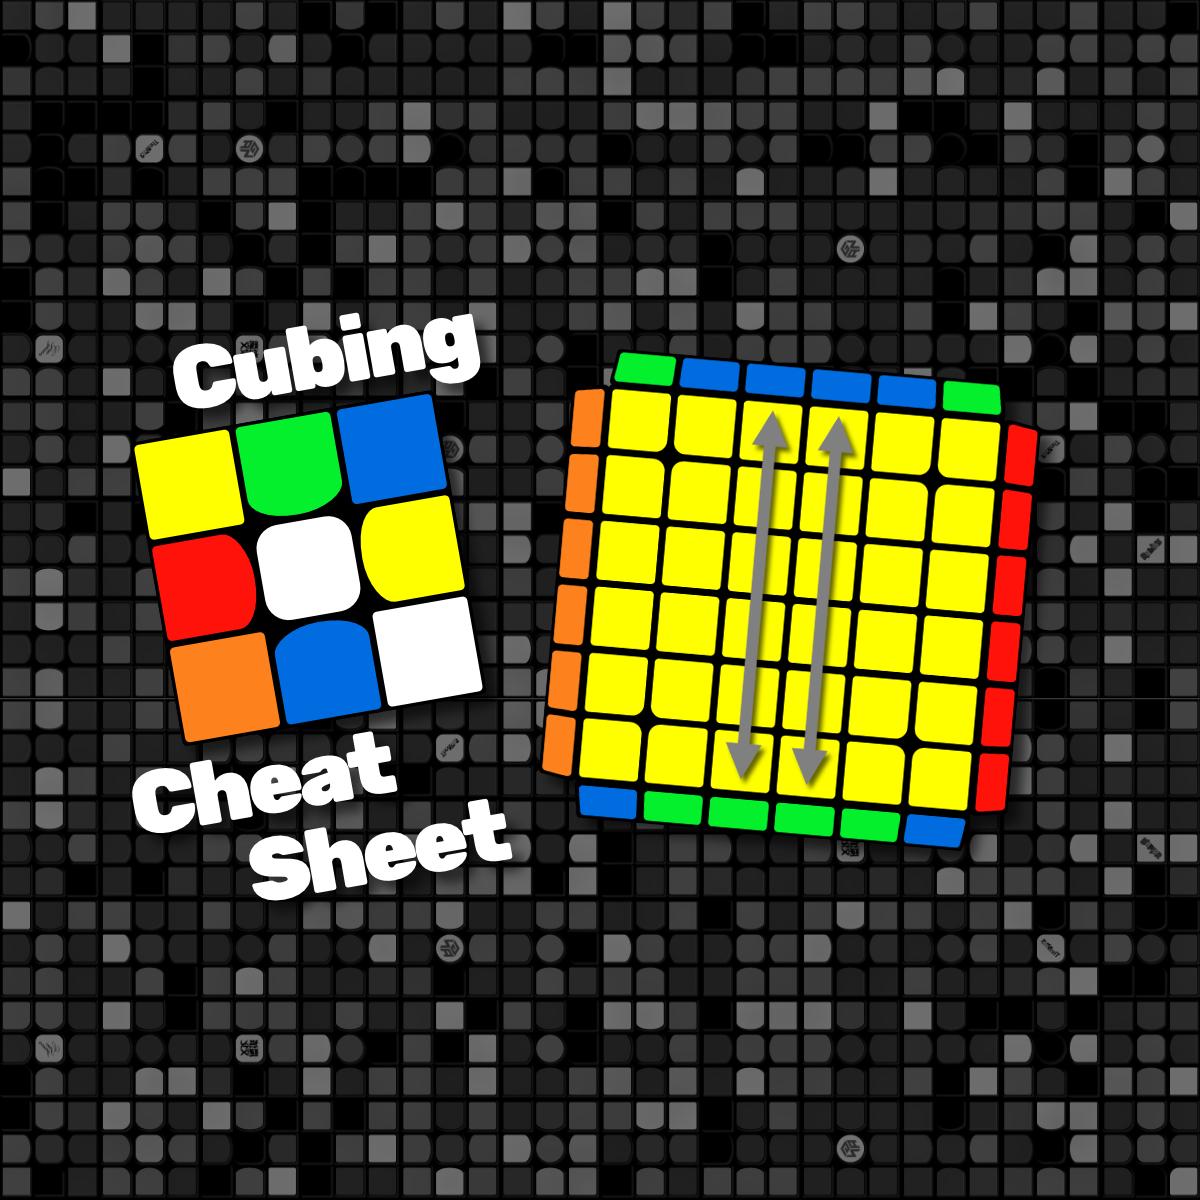 6x6 Reduction and Parity Algorithms - Dan's Cubing Cheat